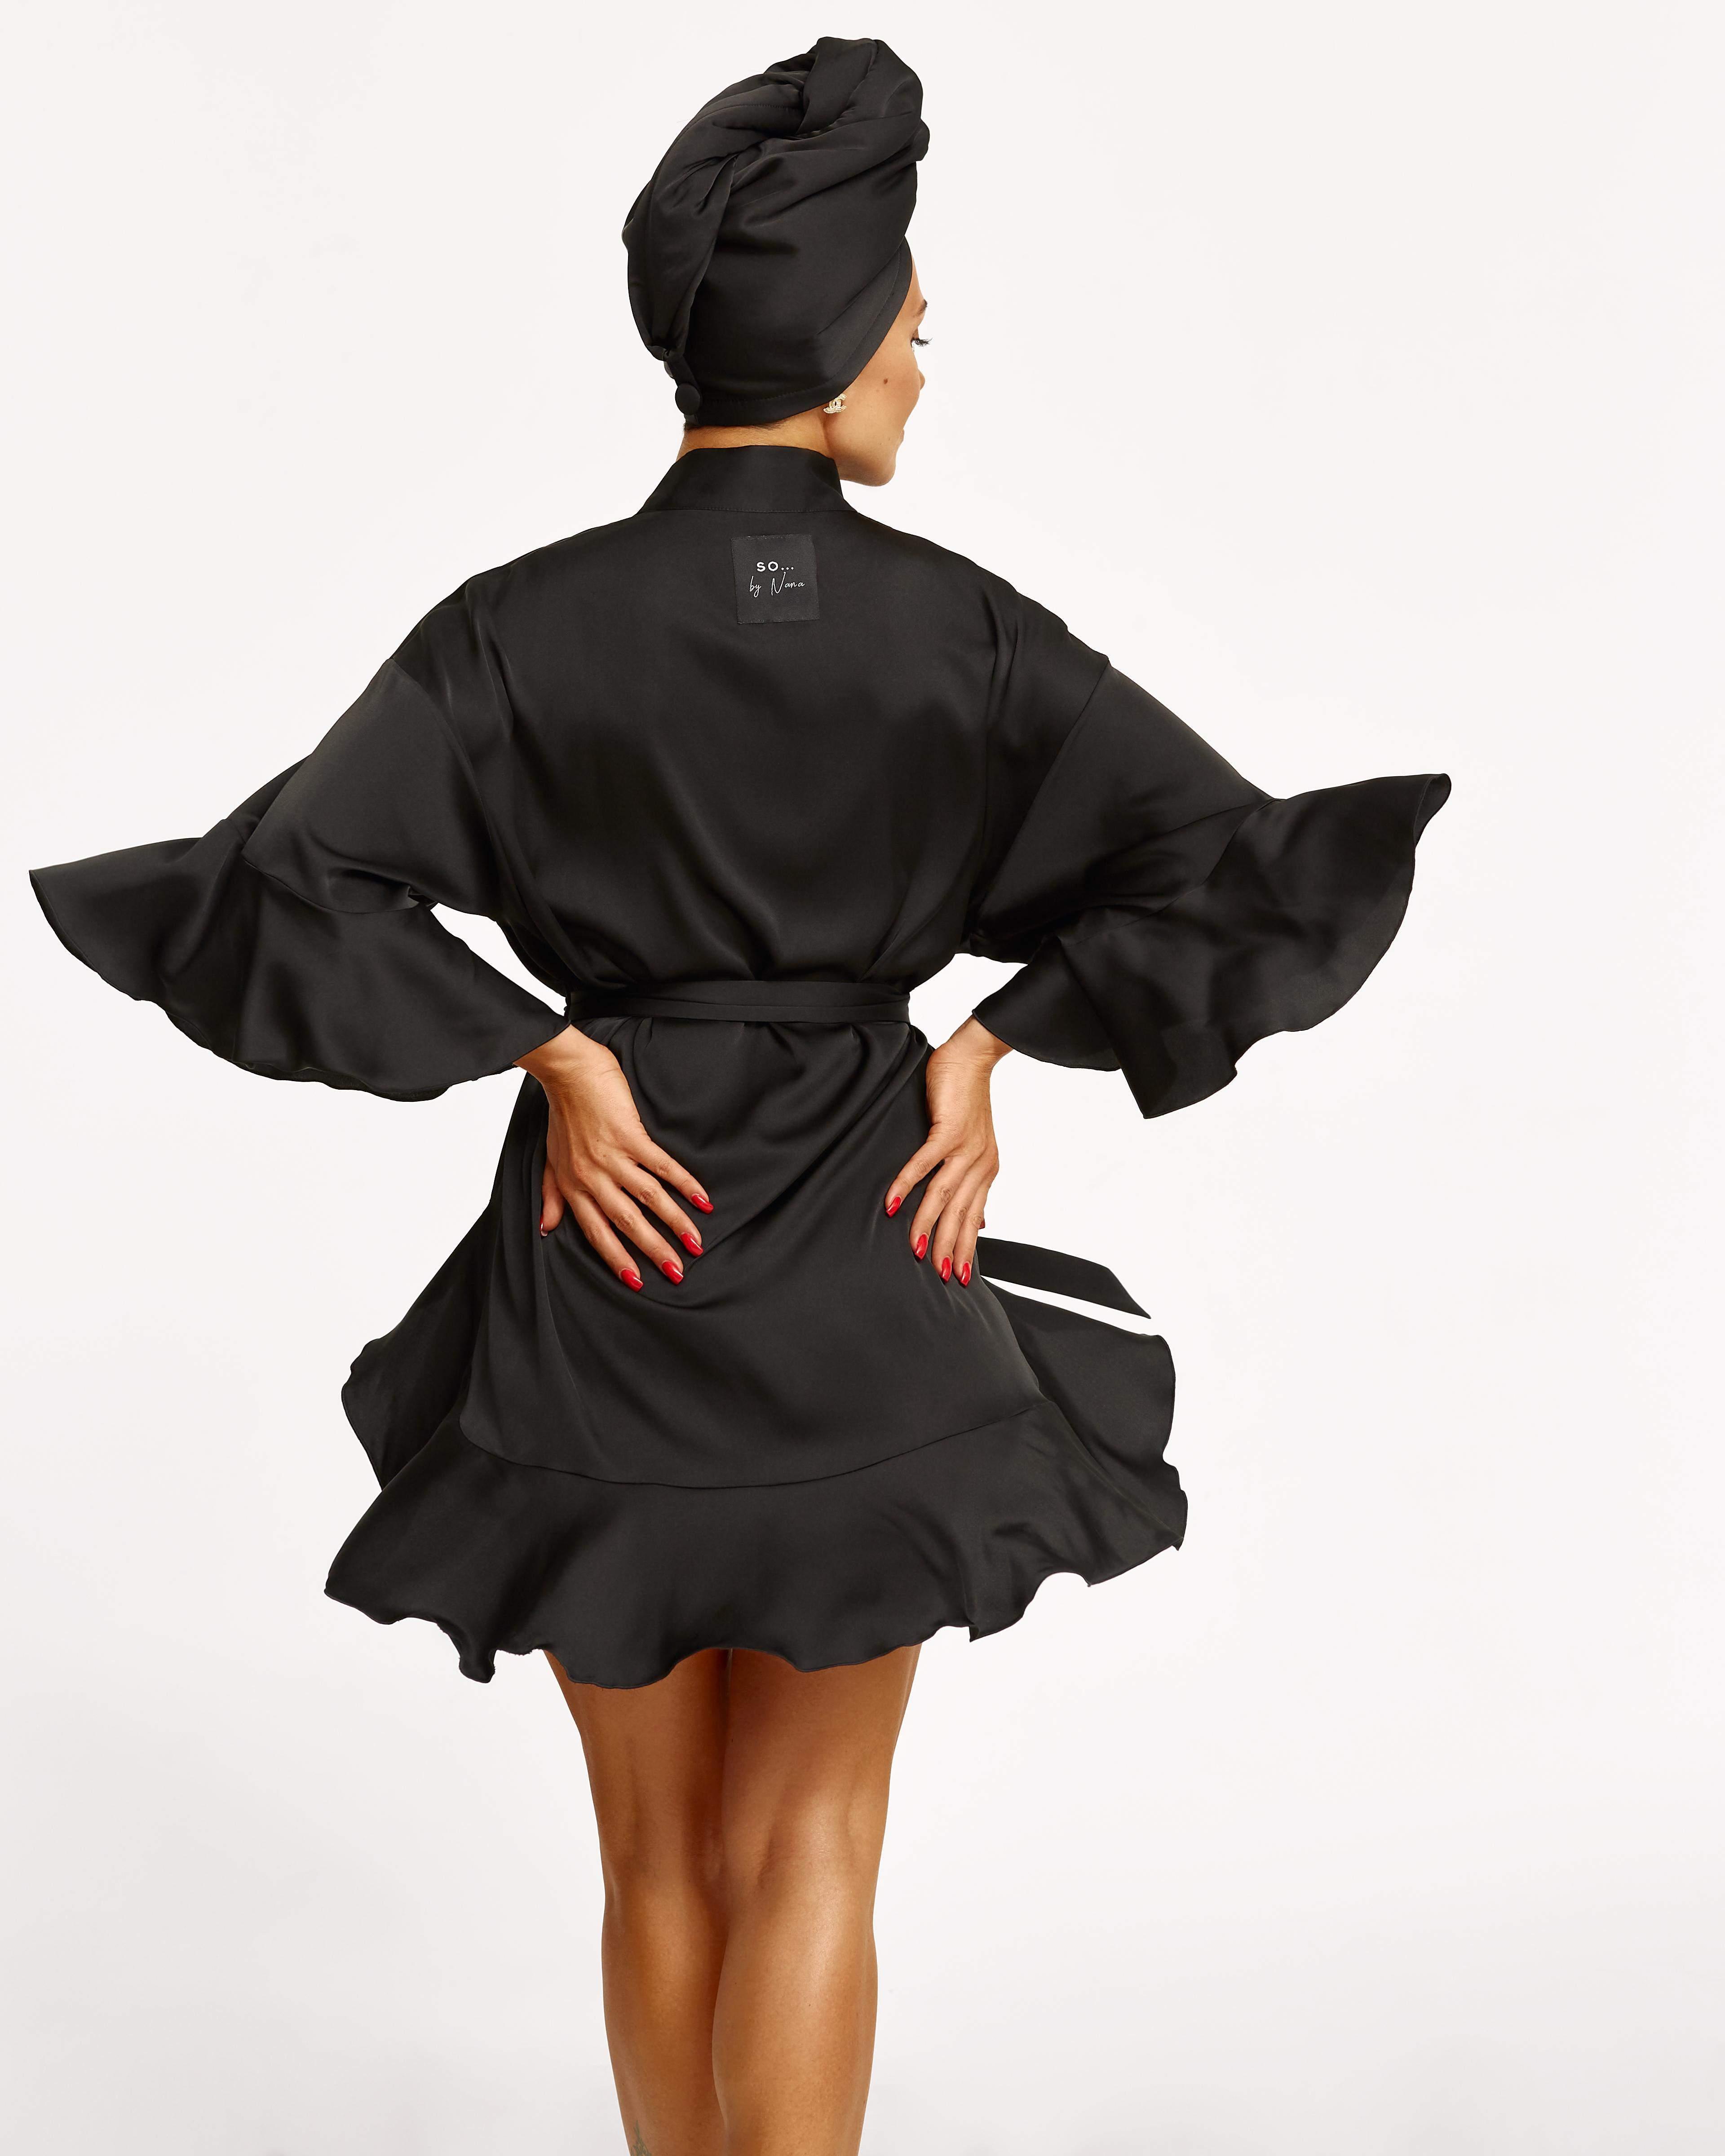 Dj NANA представила власний бренд халатів